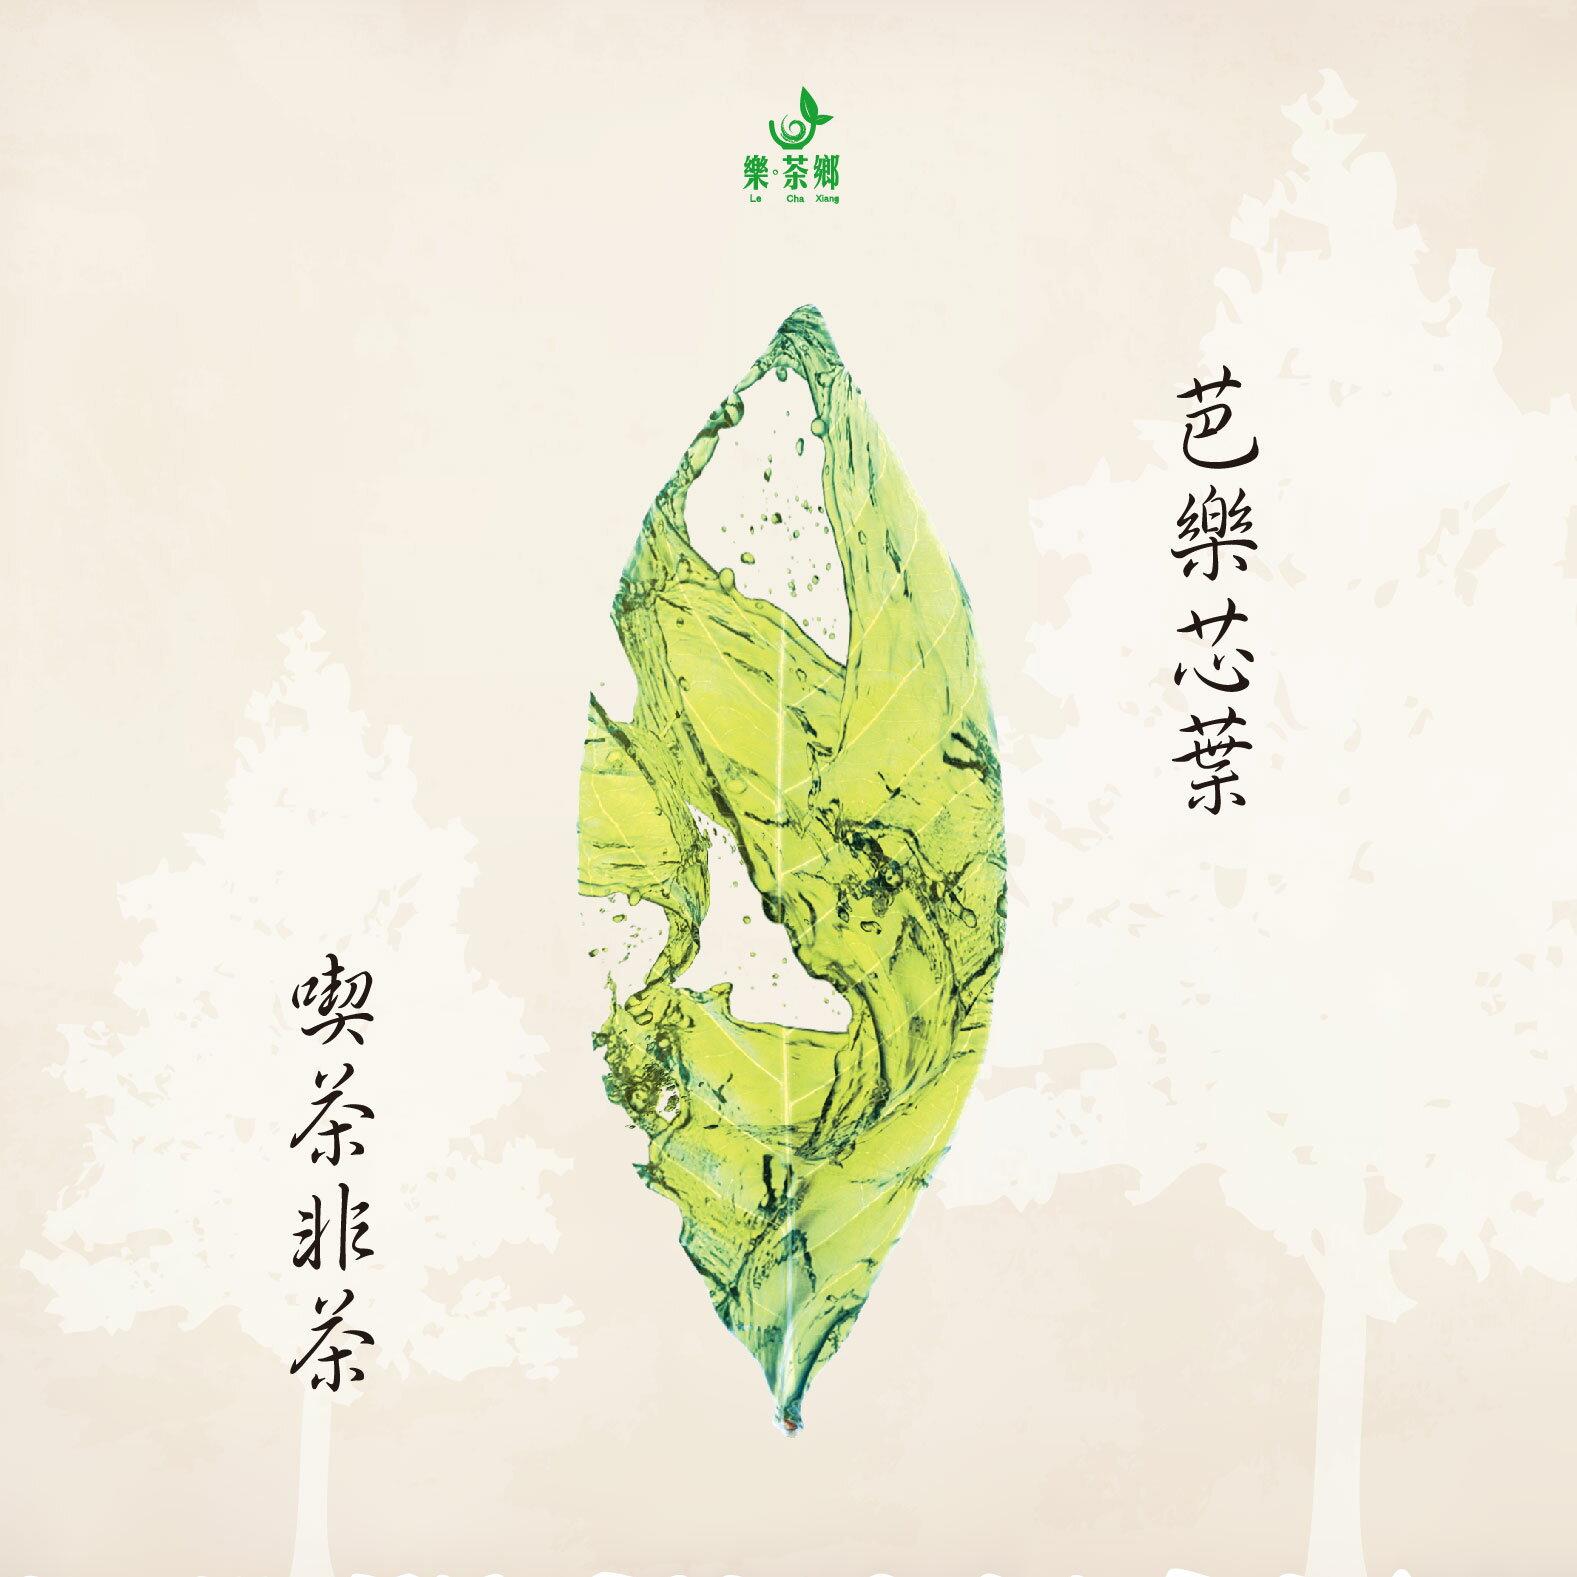 【樂茶鄉】芭樂芯葉茶茶包/臺灣國寶茶。不含咖啡因,來自台東農家,具天然果香,清新淡雅,可數次回沖@養生之道 4